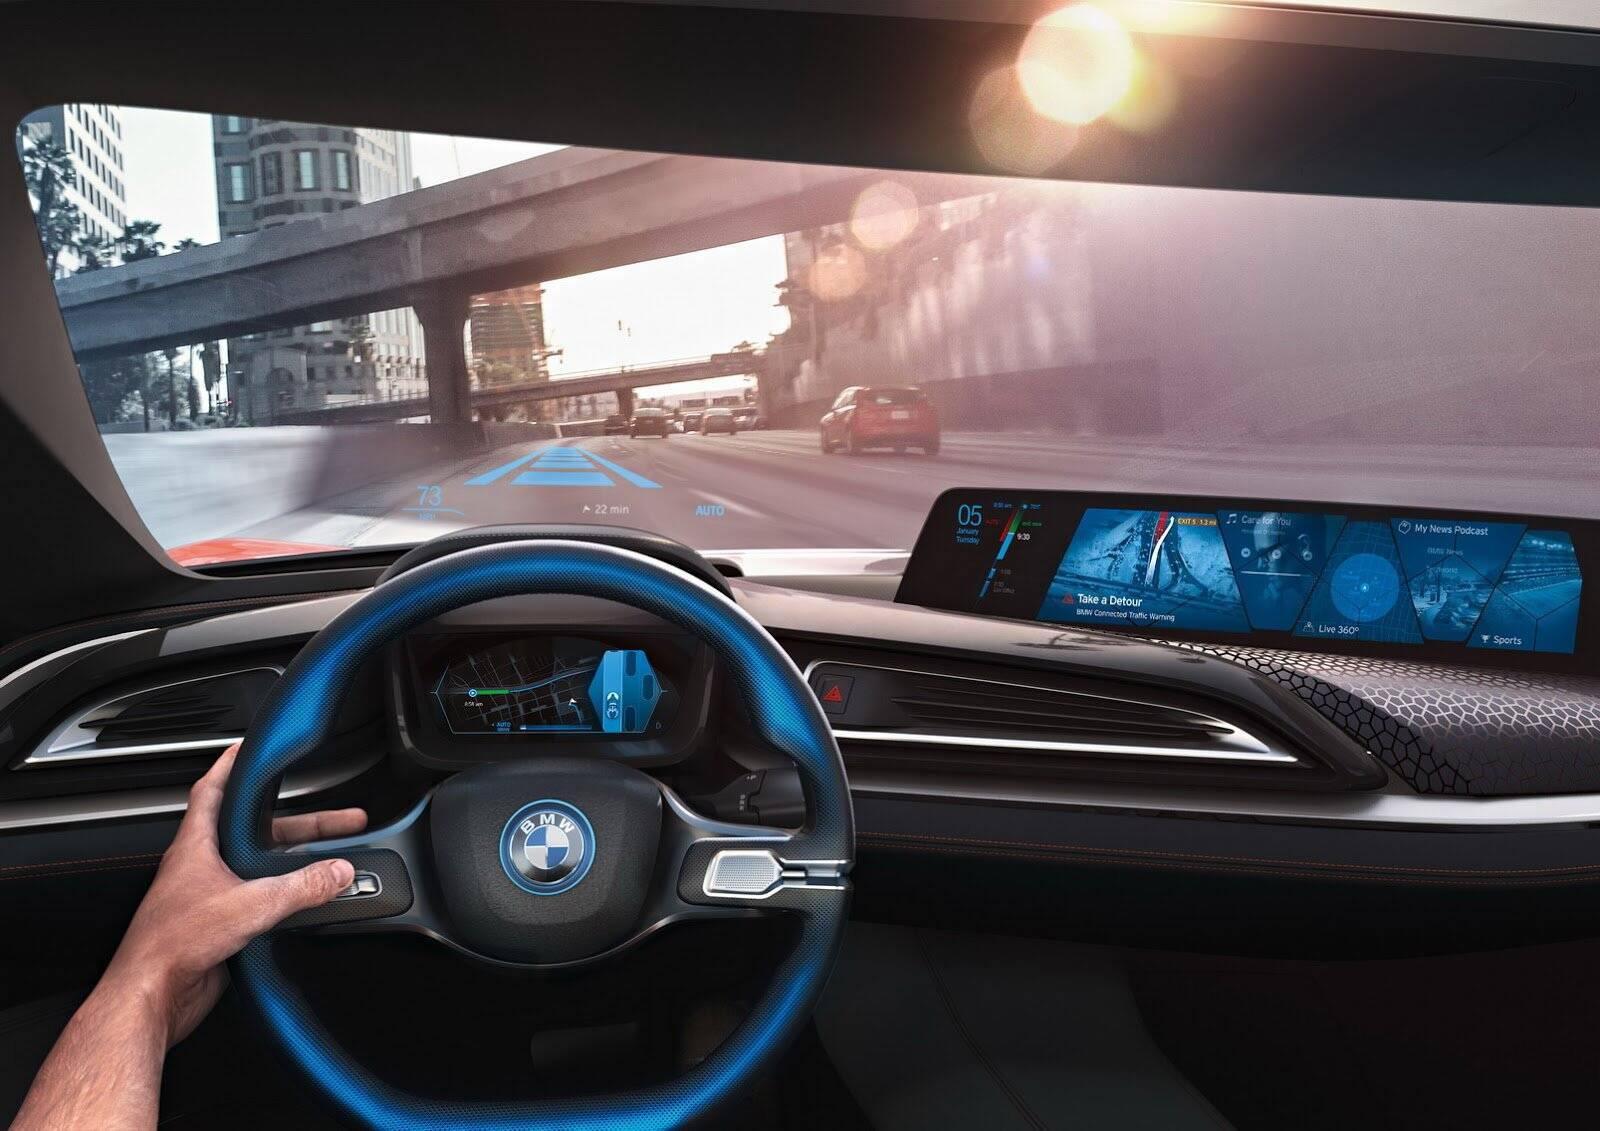 Conceito do BMW i4 - Salão de Paris 2018. Foto: Divulgação